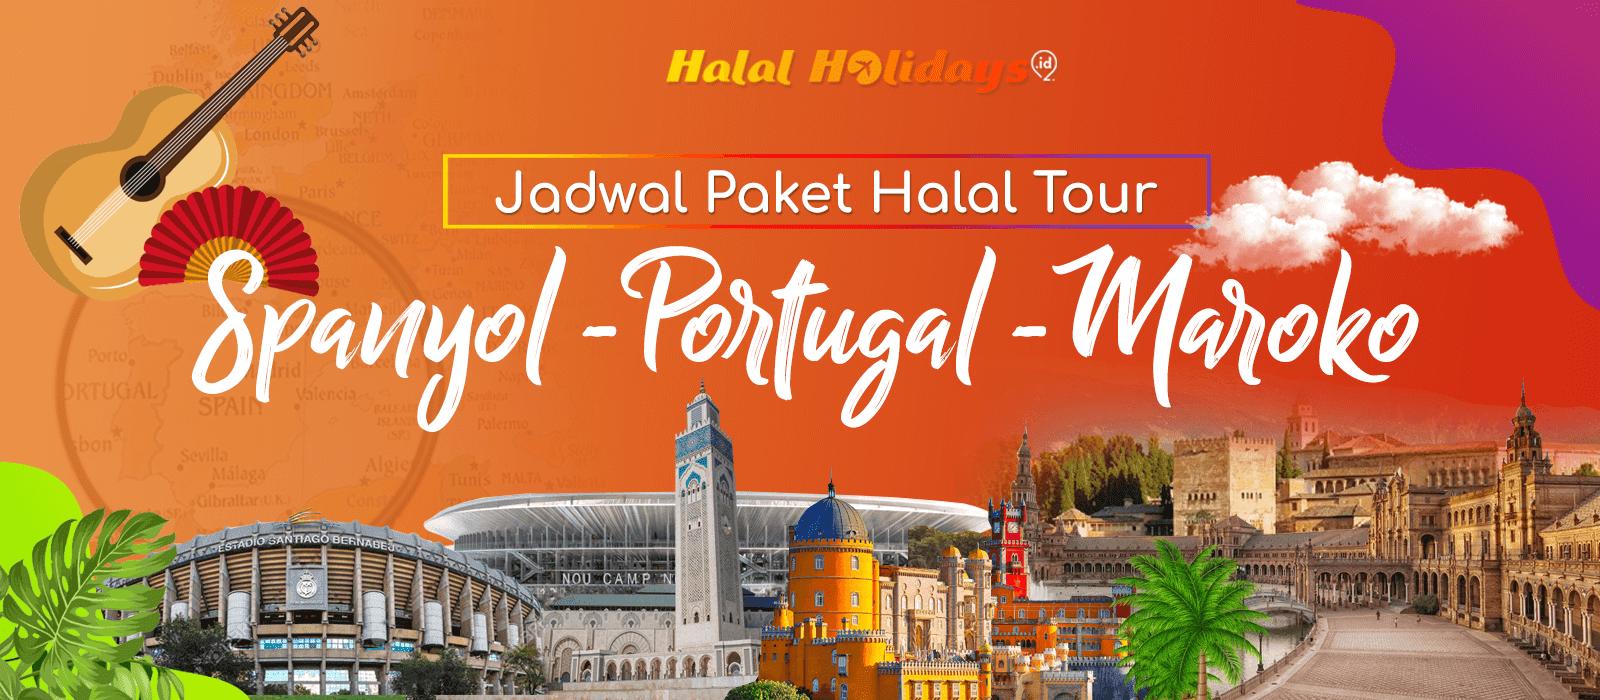 Paket Wisata Halal Tour Spanyol Portugal Maroko Murah Tahun 2022 2023